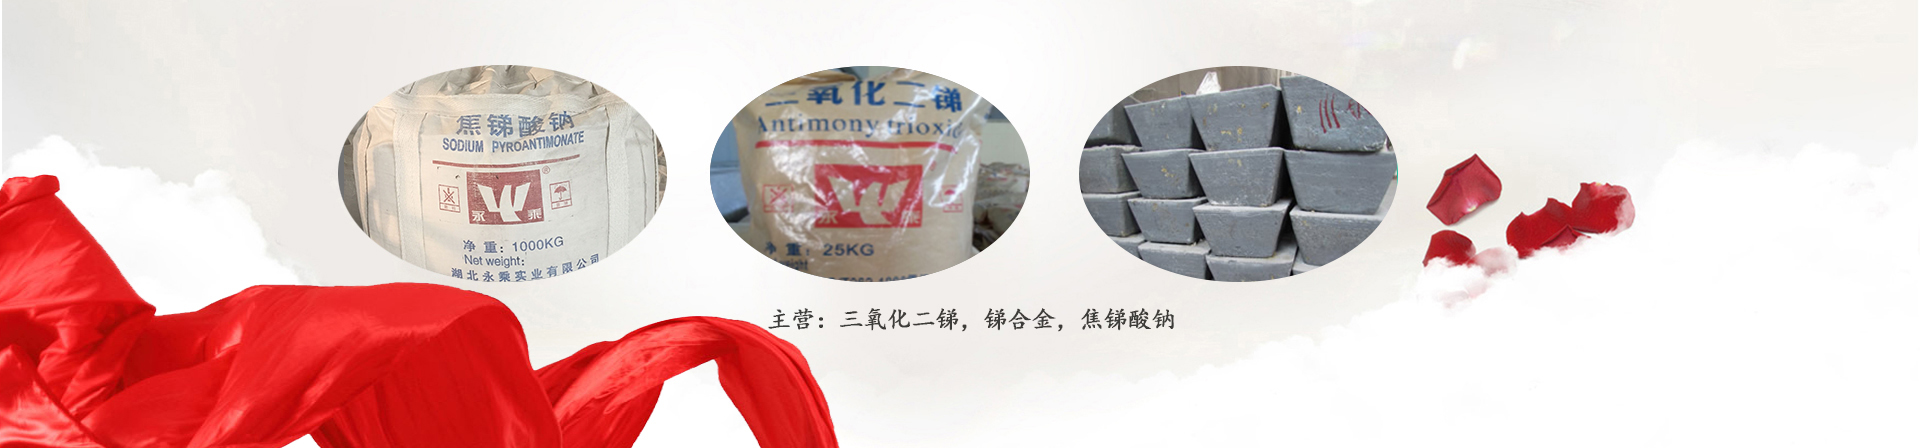 焦锑酸钠,三氧化二锑生产厂家,锑锭厂家